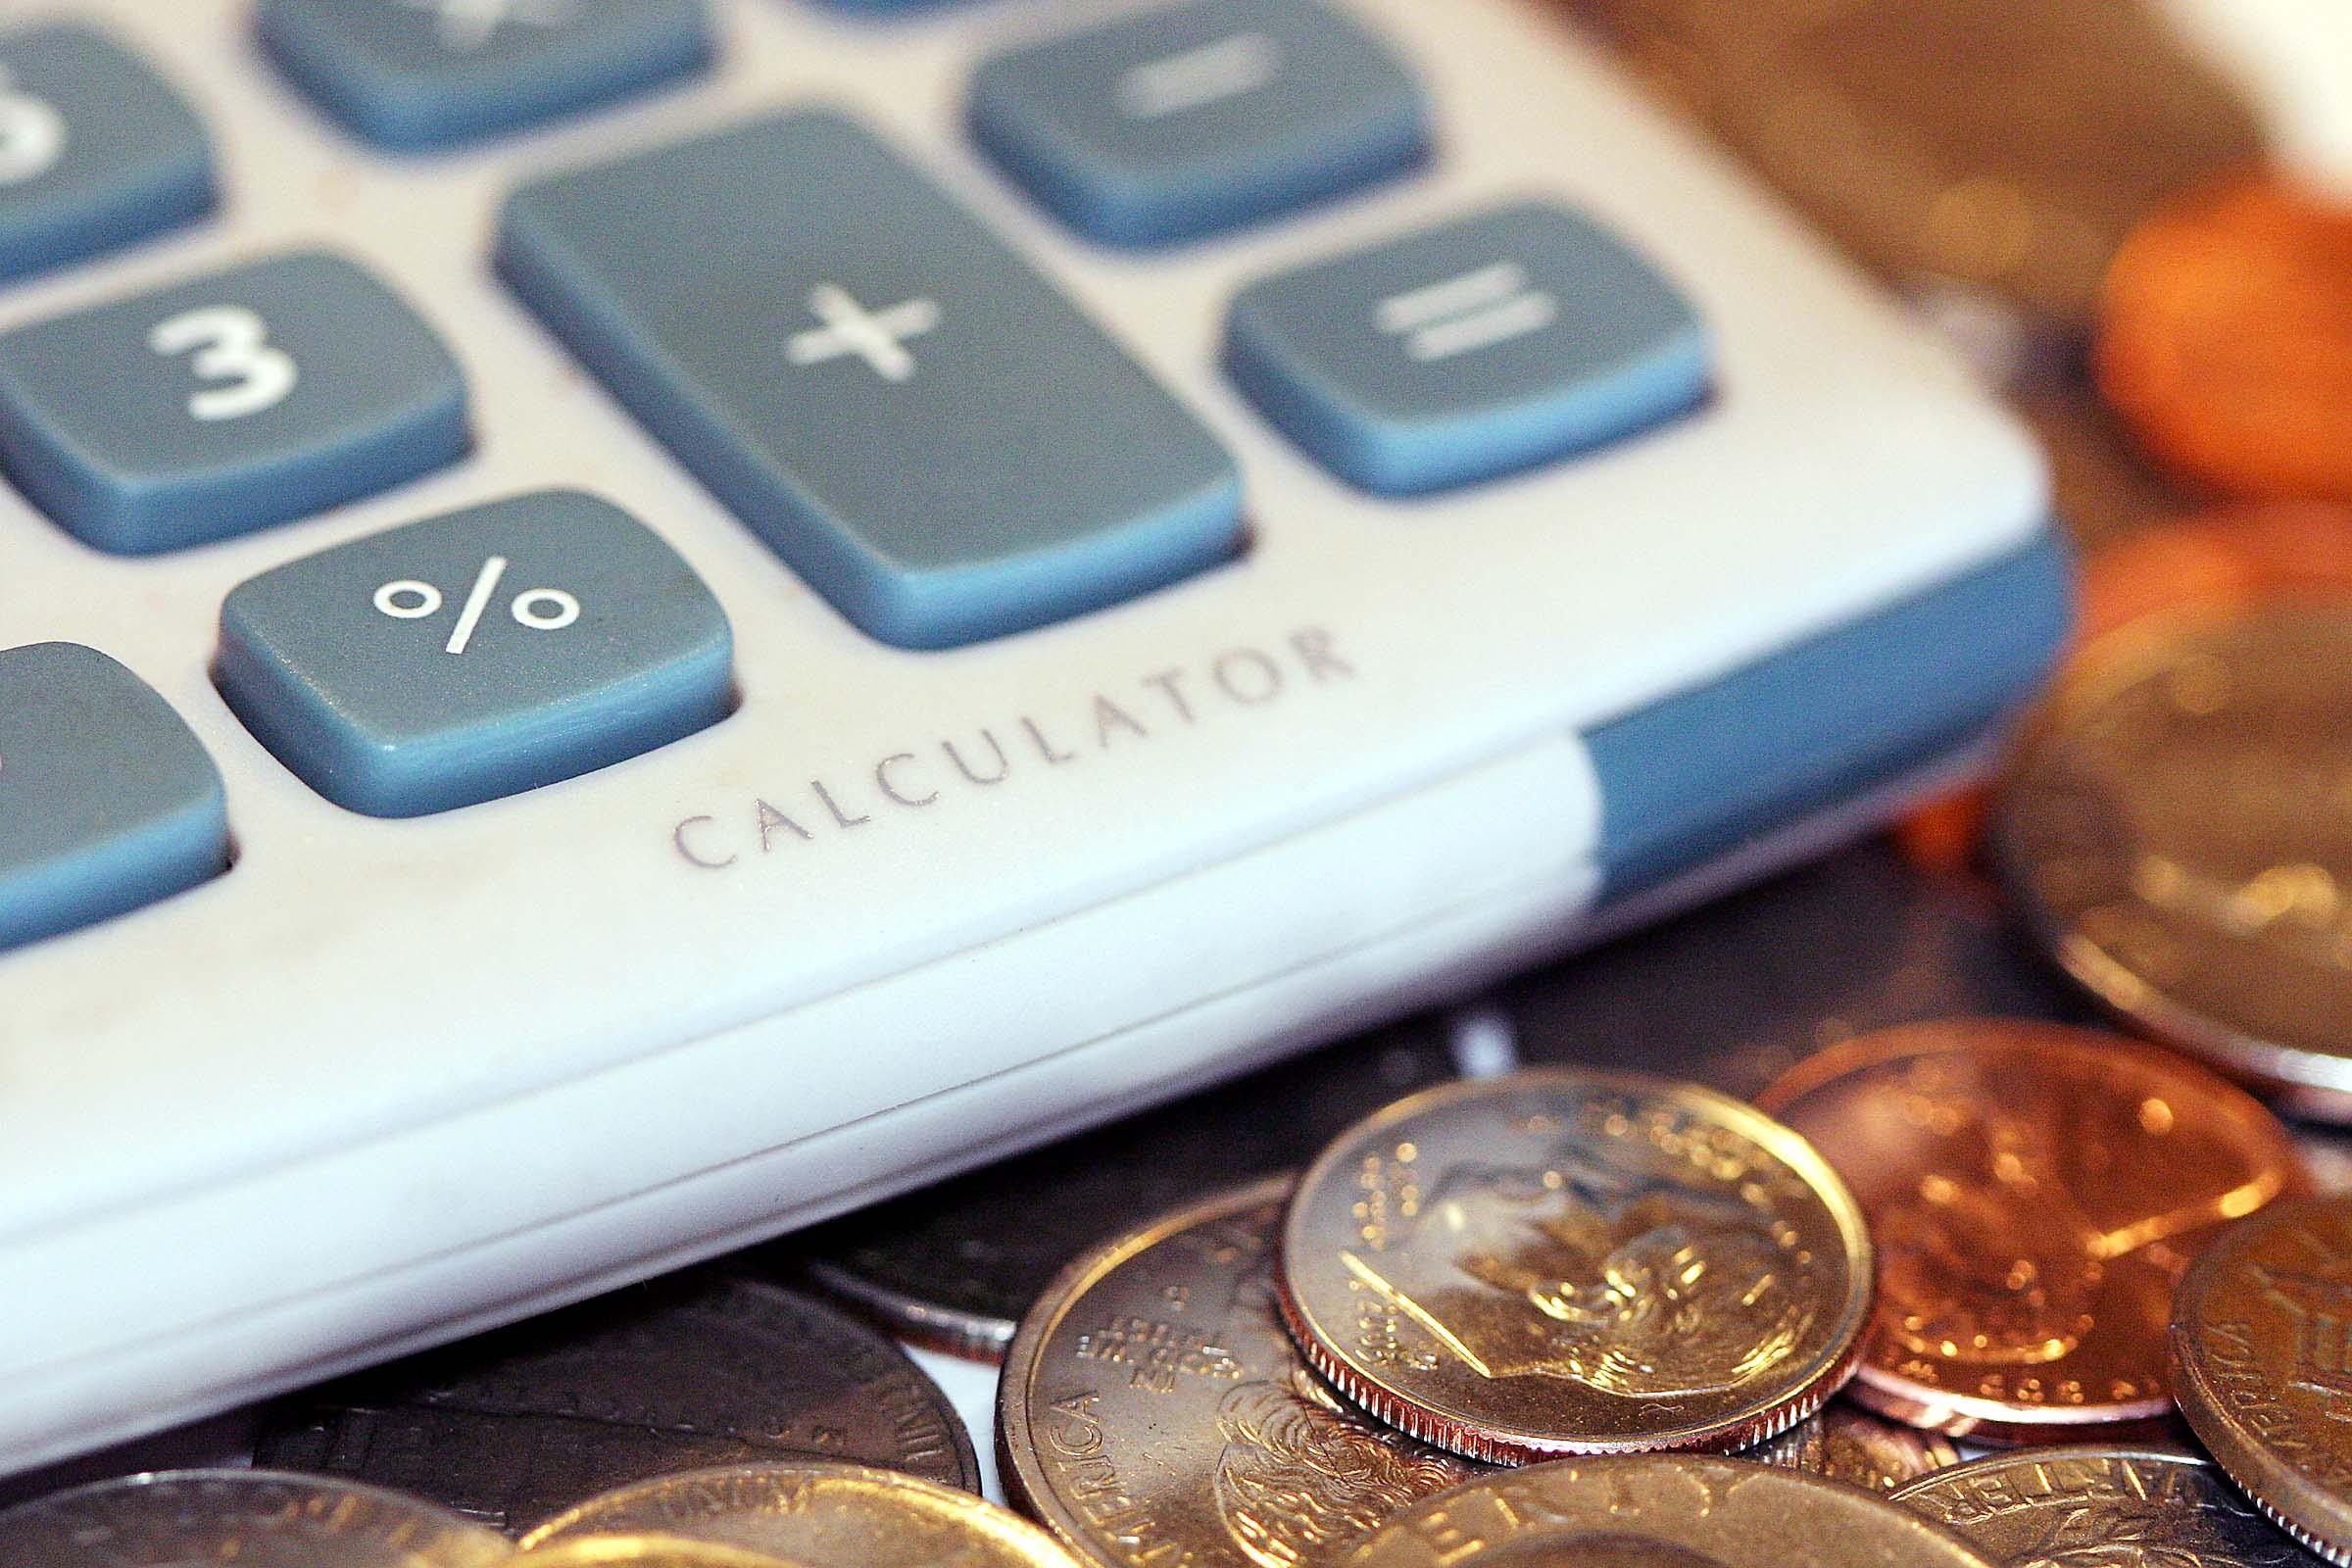 Proroga dei termini di versamento e rateizzazione delle - Agevolazioni fiscali acquisto cucina ...